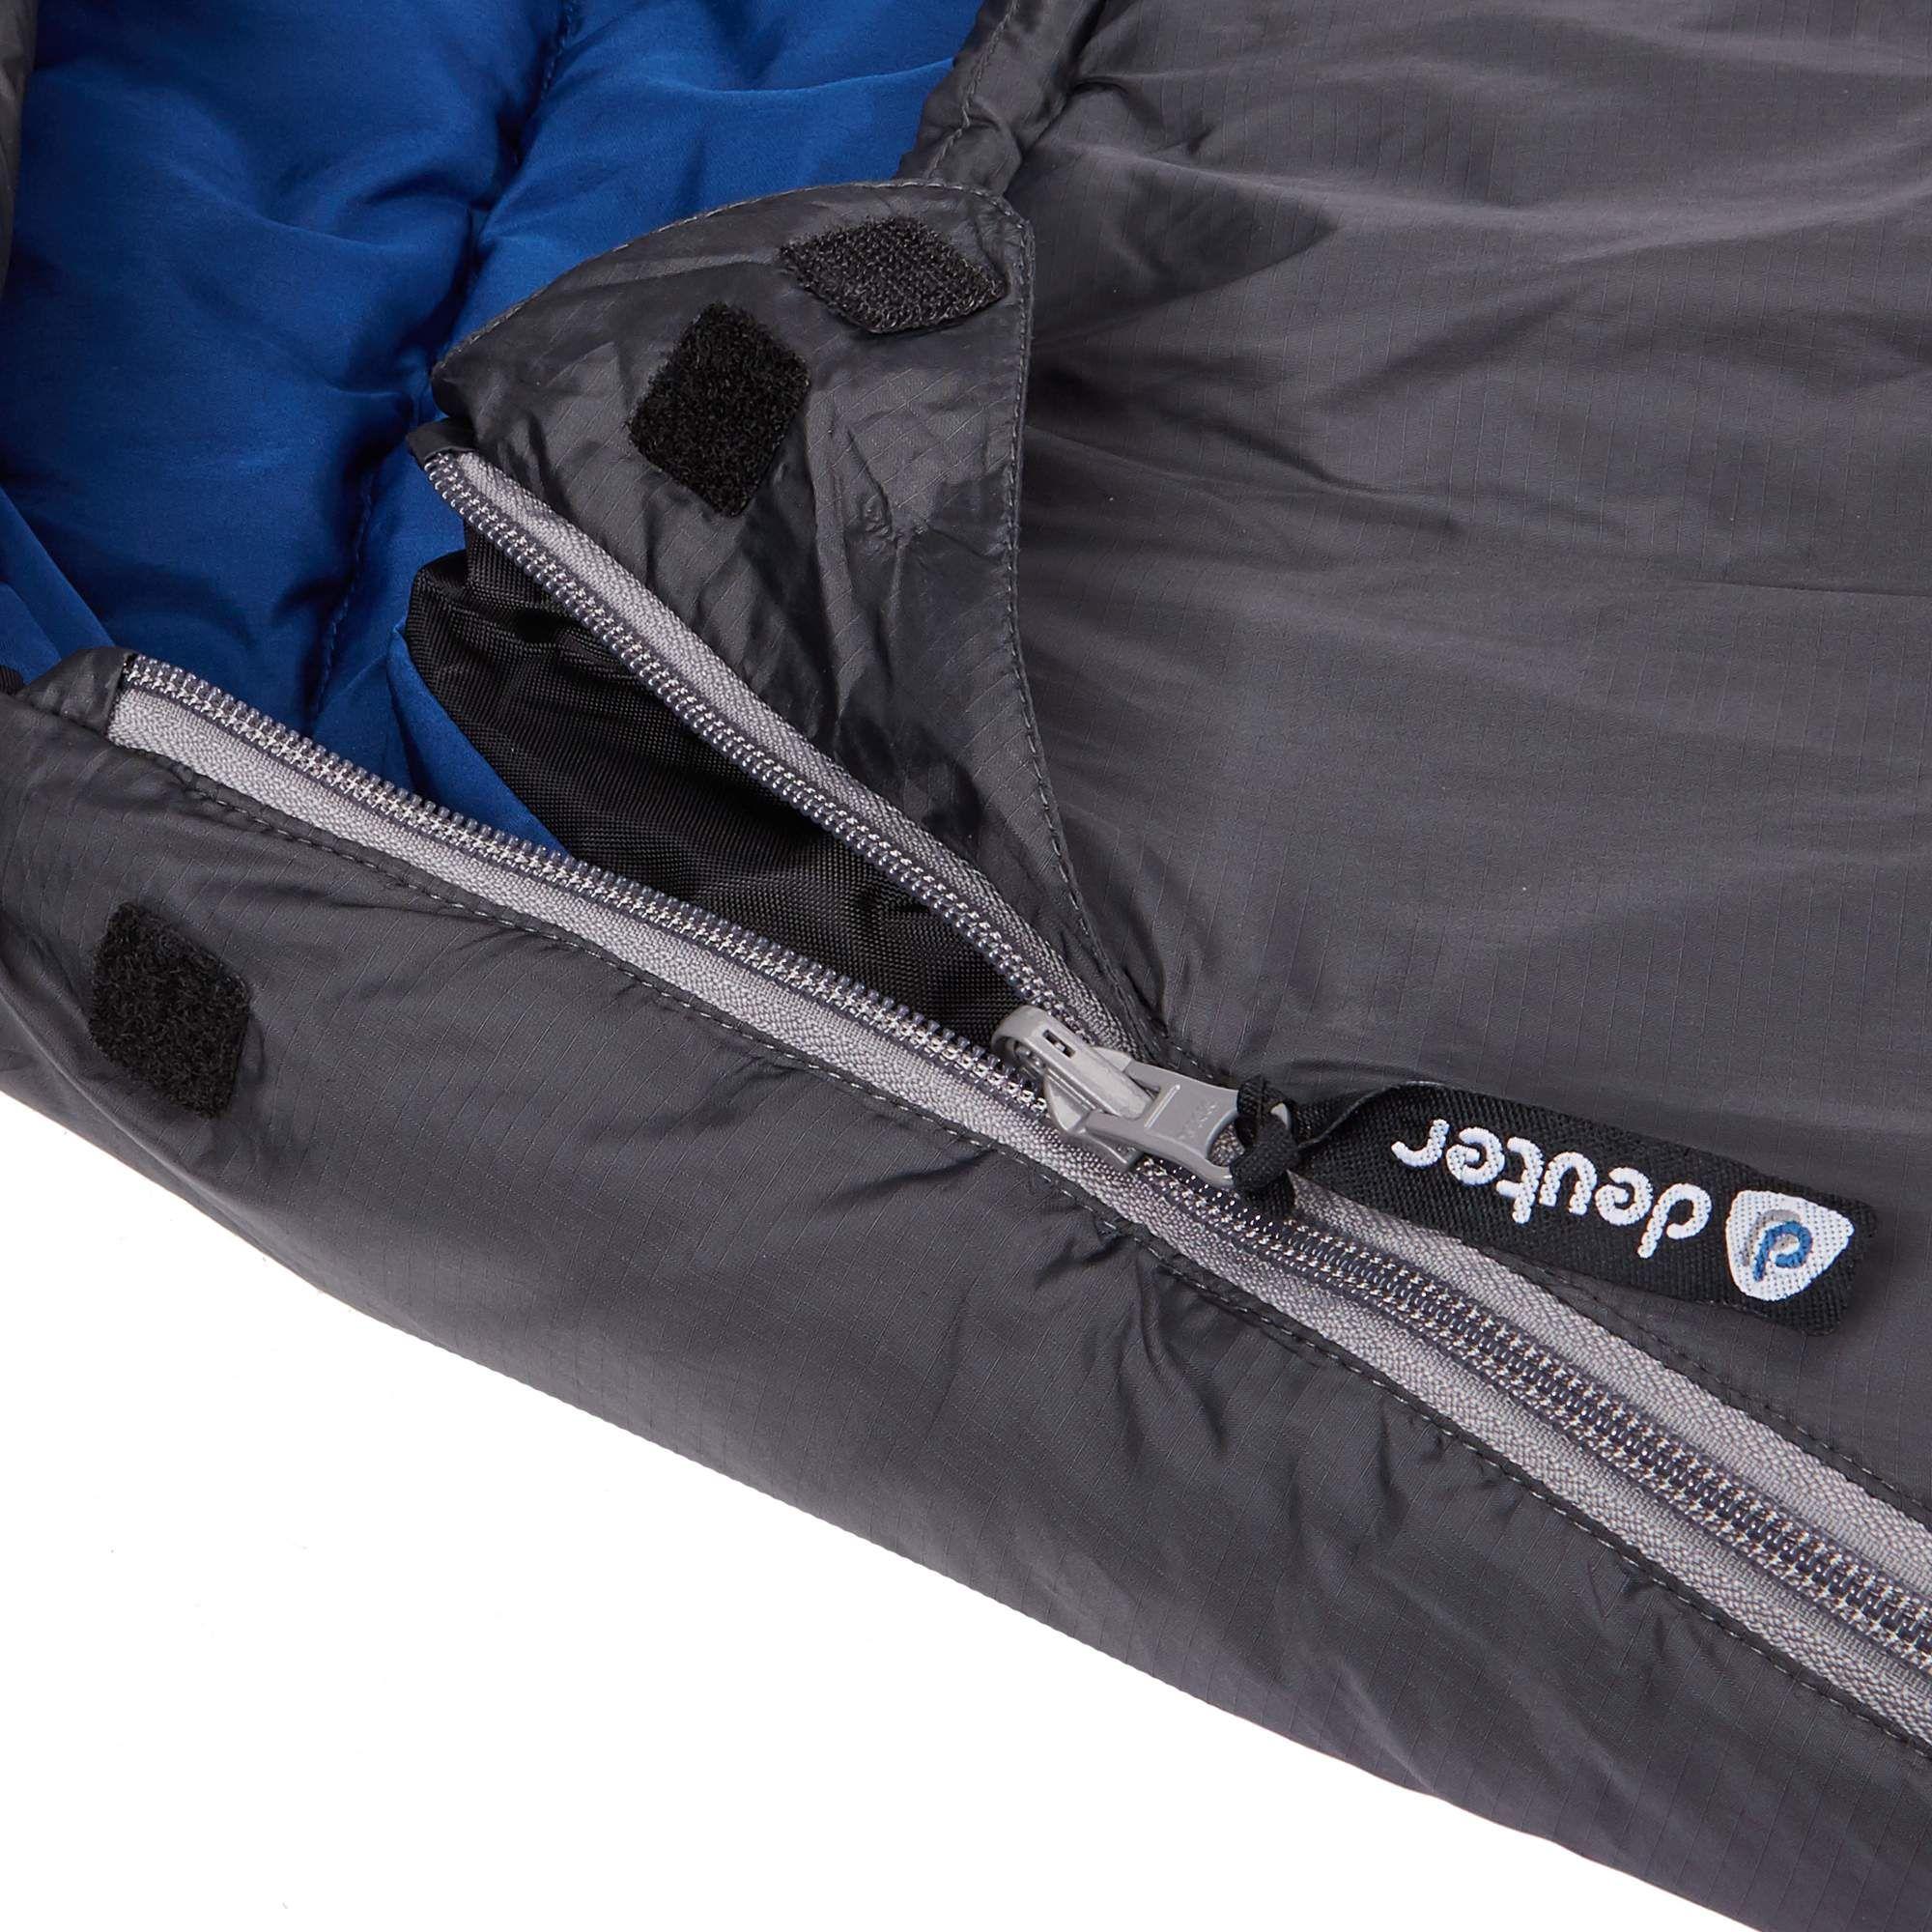 Спальный мешок Deuter Orbit +5° - фото 9